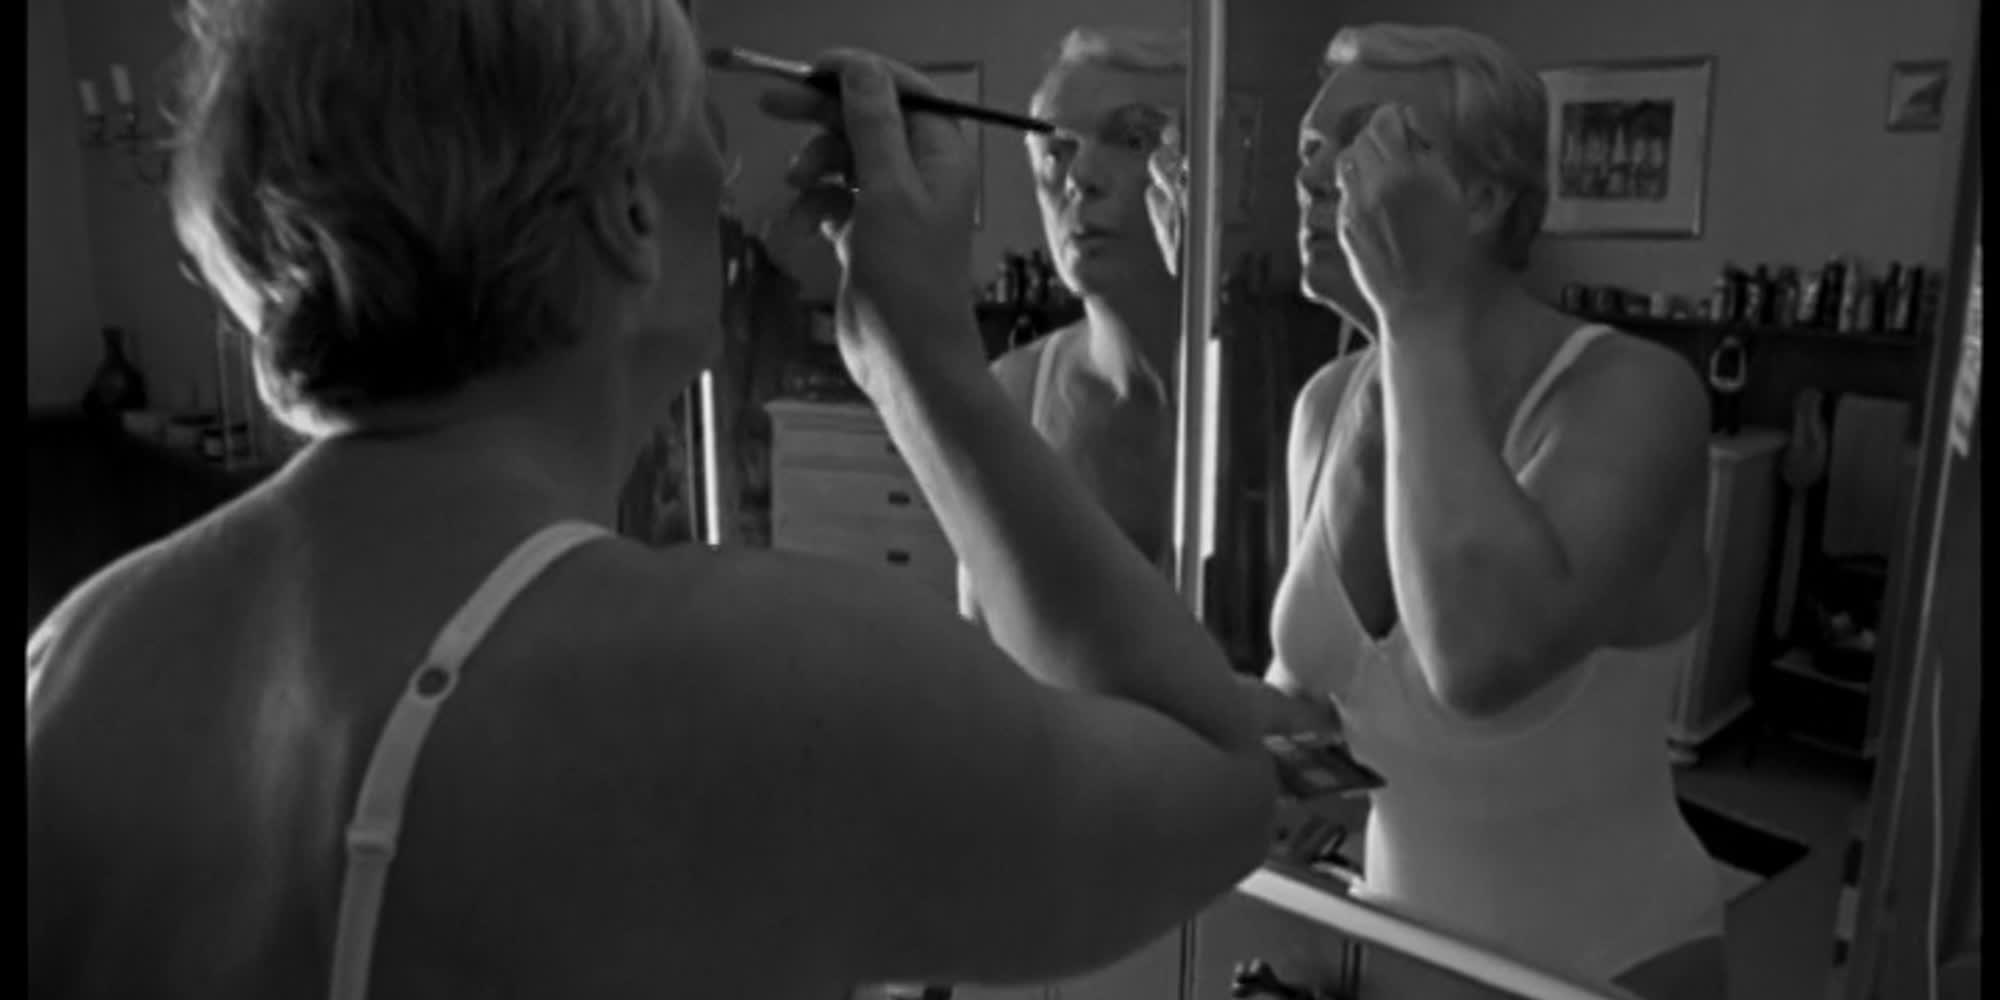 Utsnitt fra filmen Alt om min far.